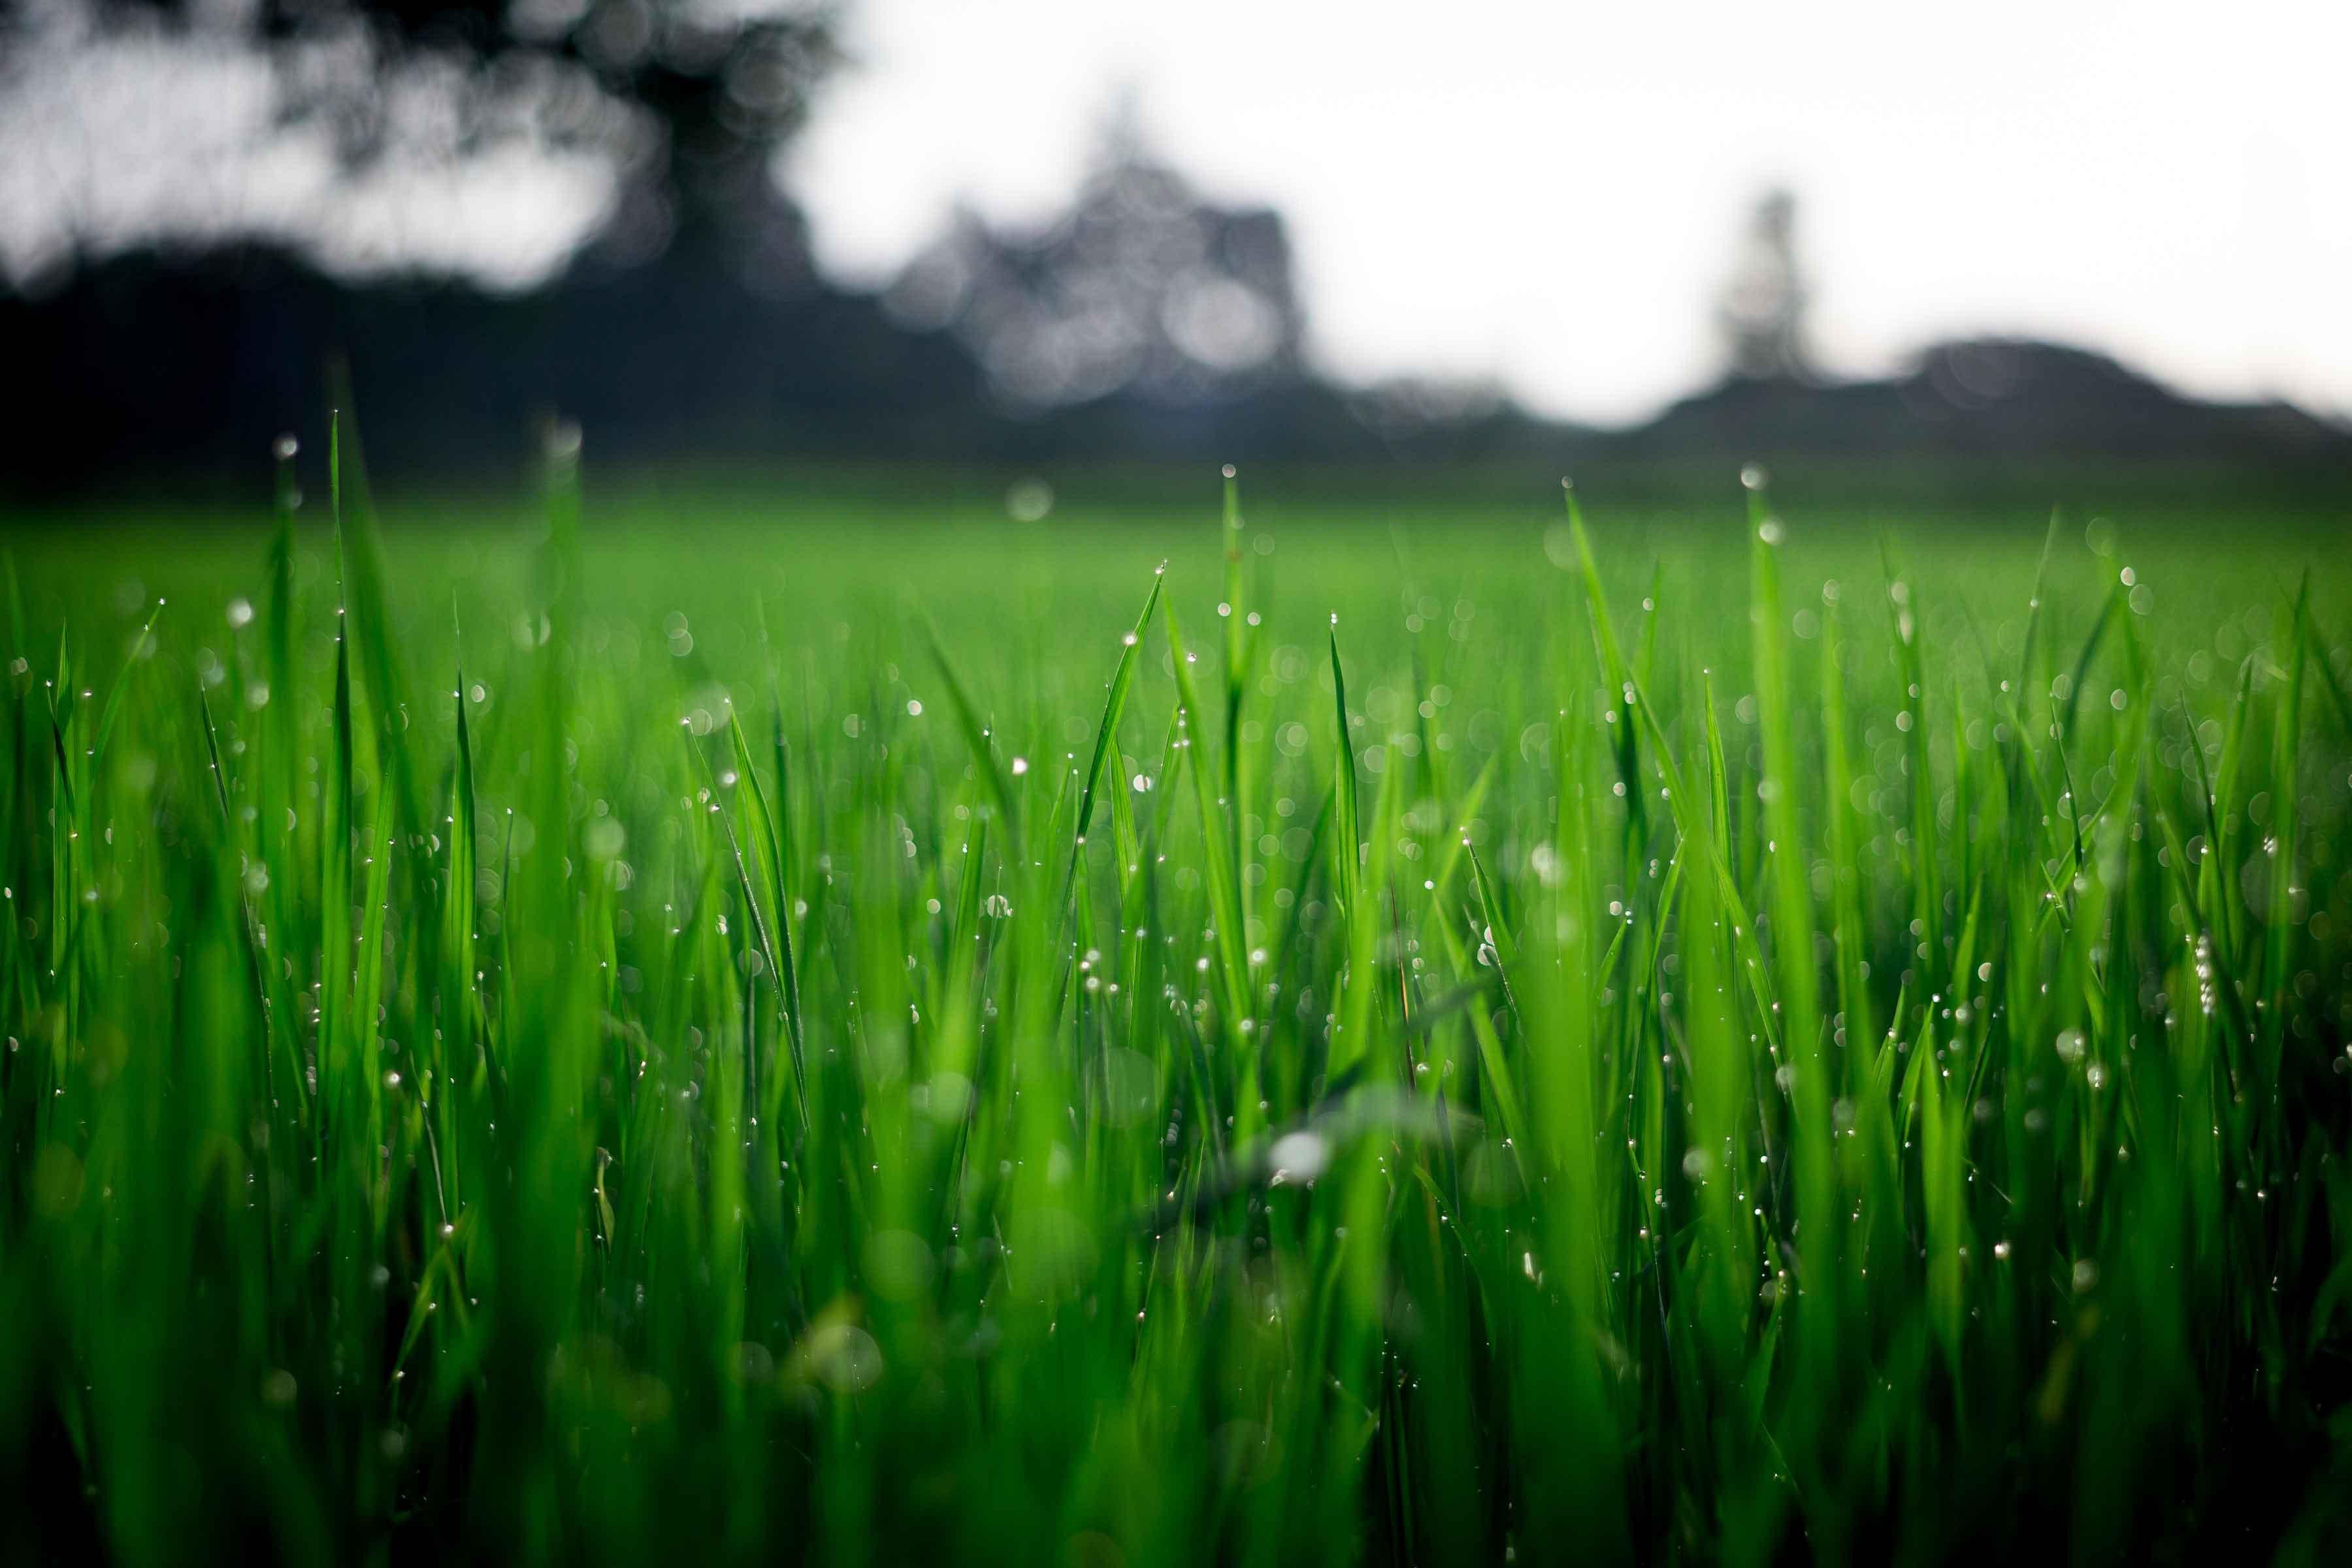 Healthy lawn turf